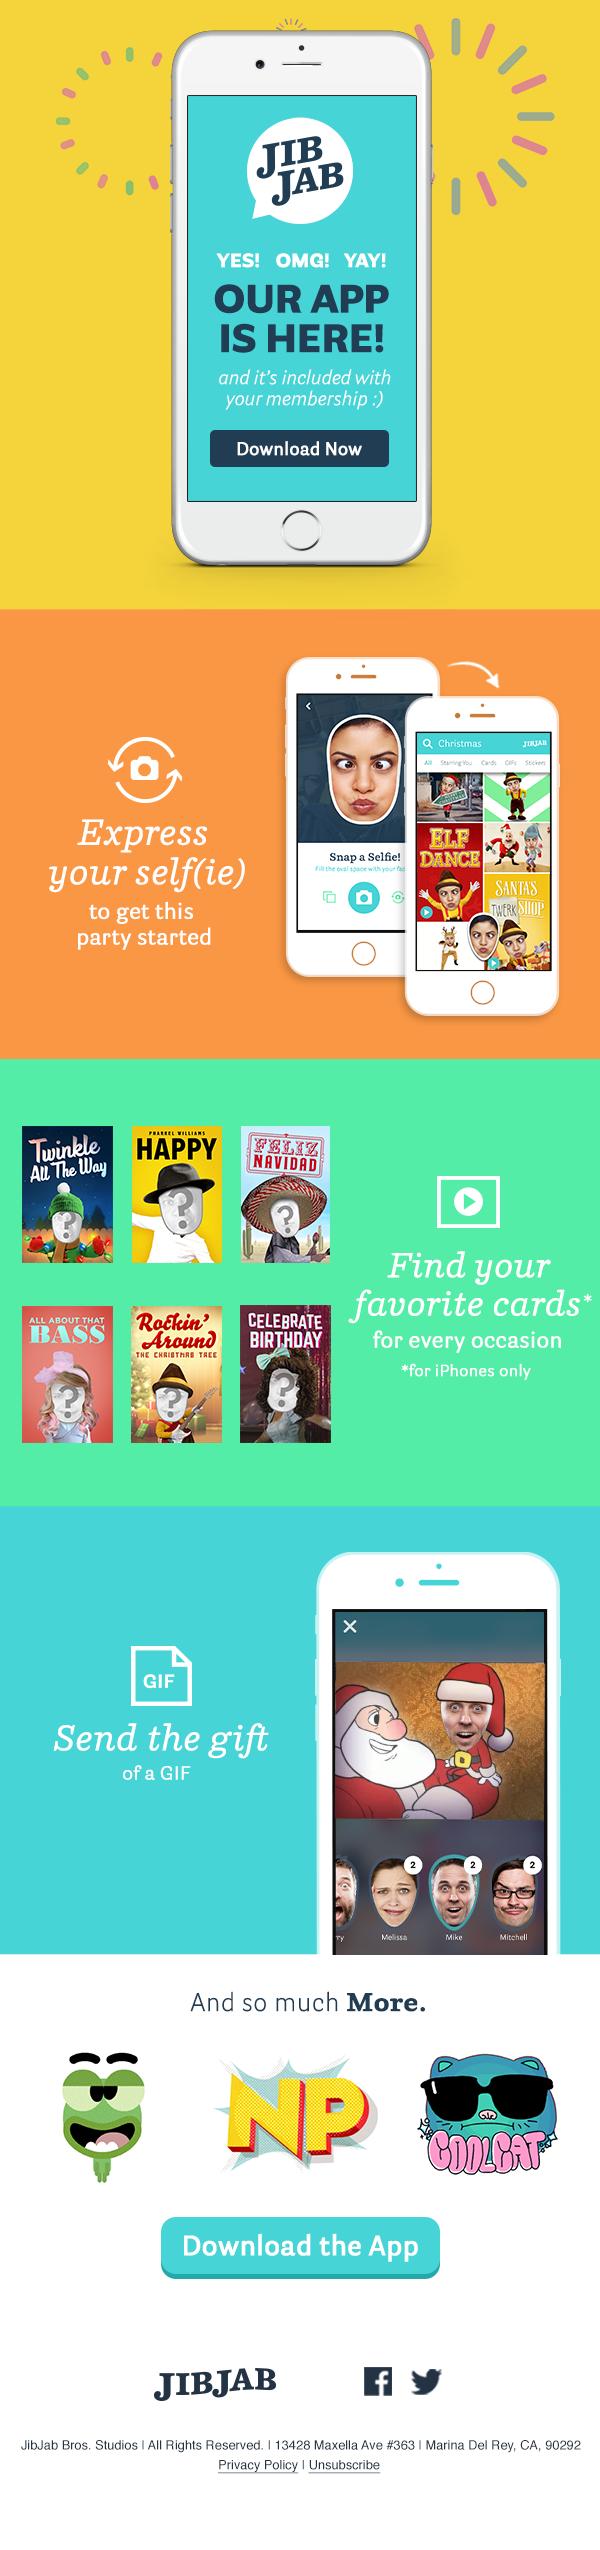 JibJab / Projects / JibJab - The App | Dribbble